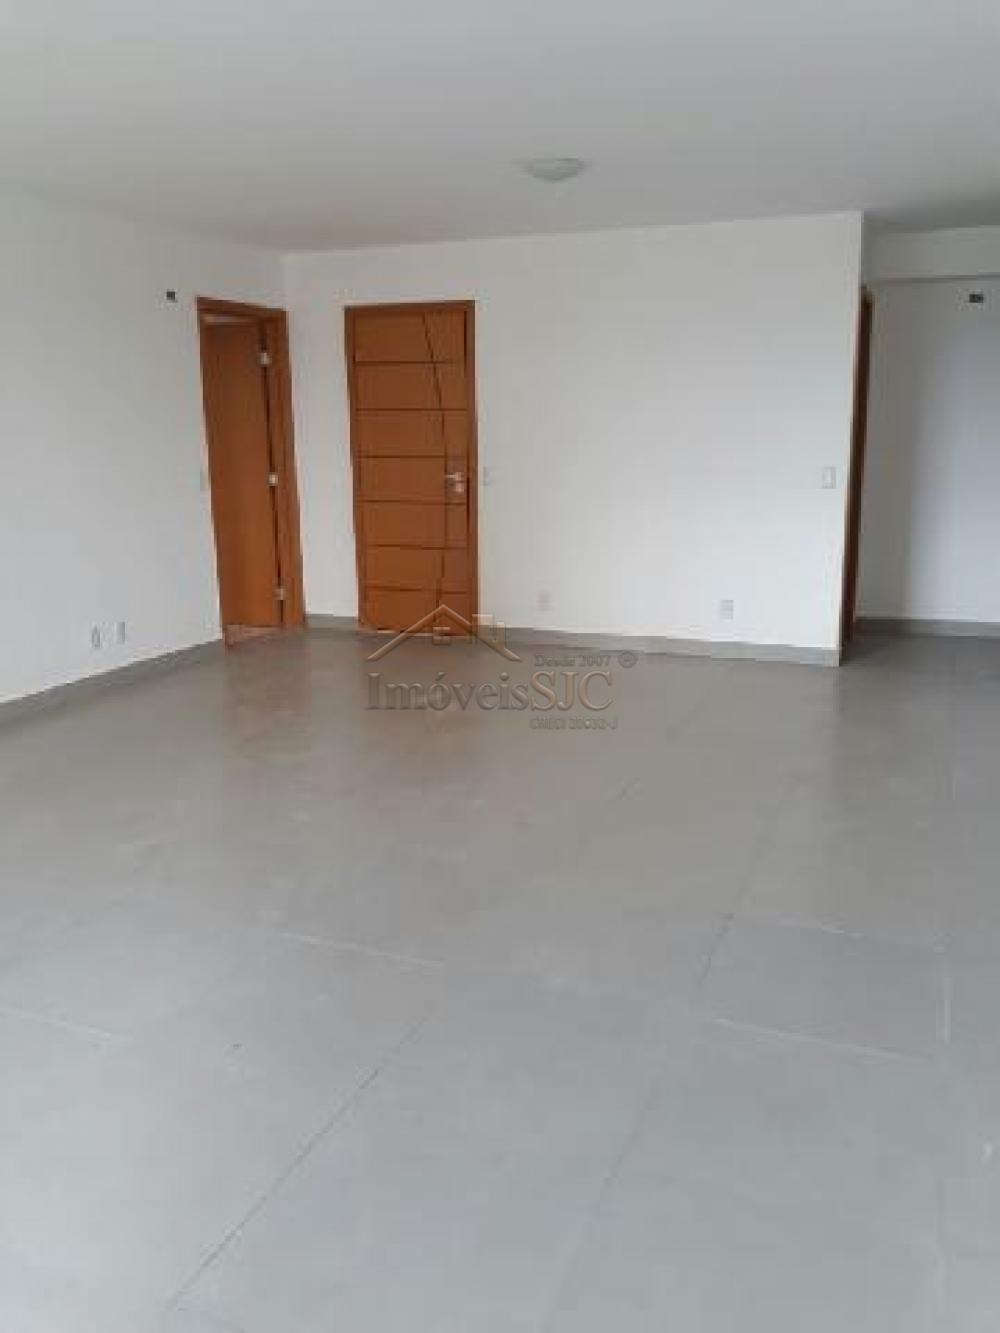 Alugar Apartamentos / Padrão em São José dos Campos apenas R$ 2.800,00 - Foto 2